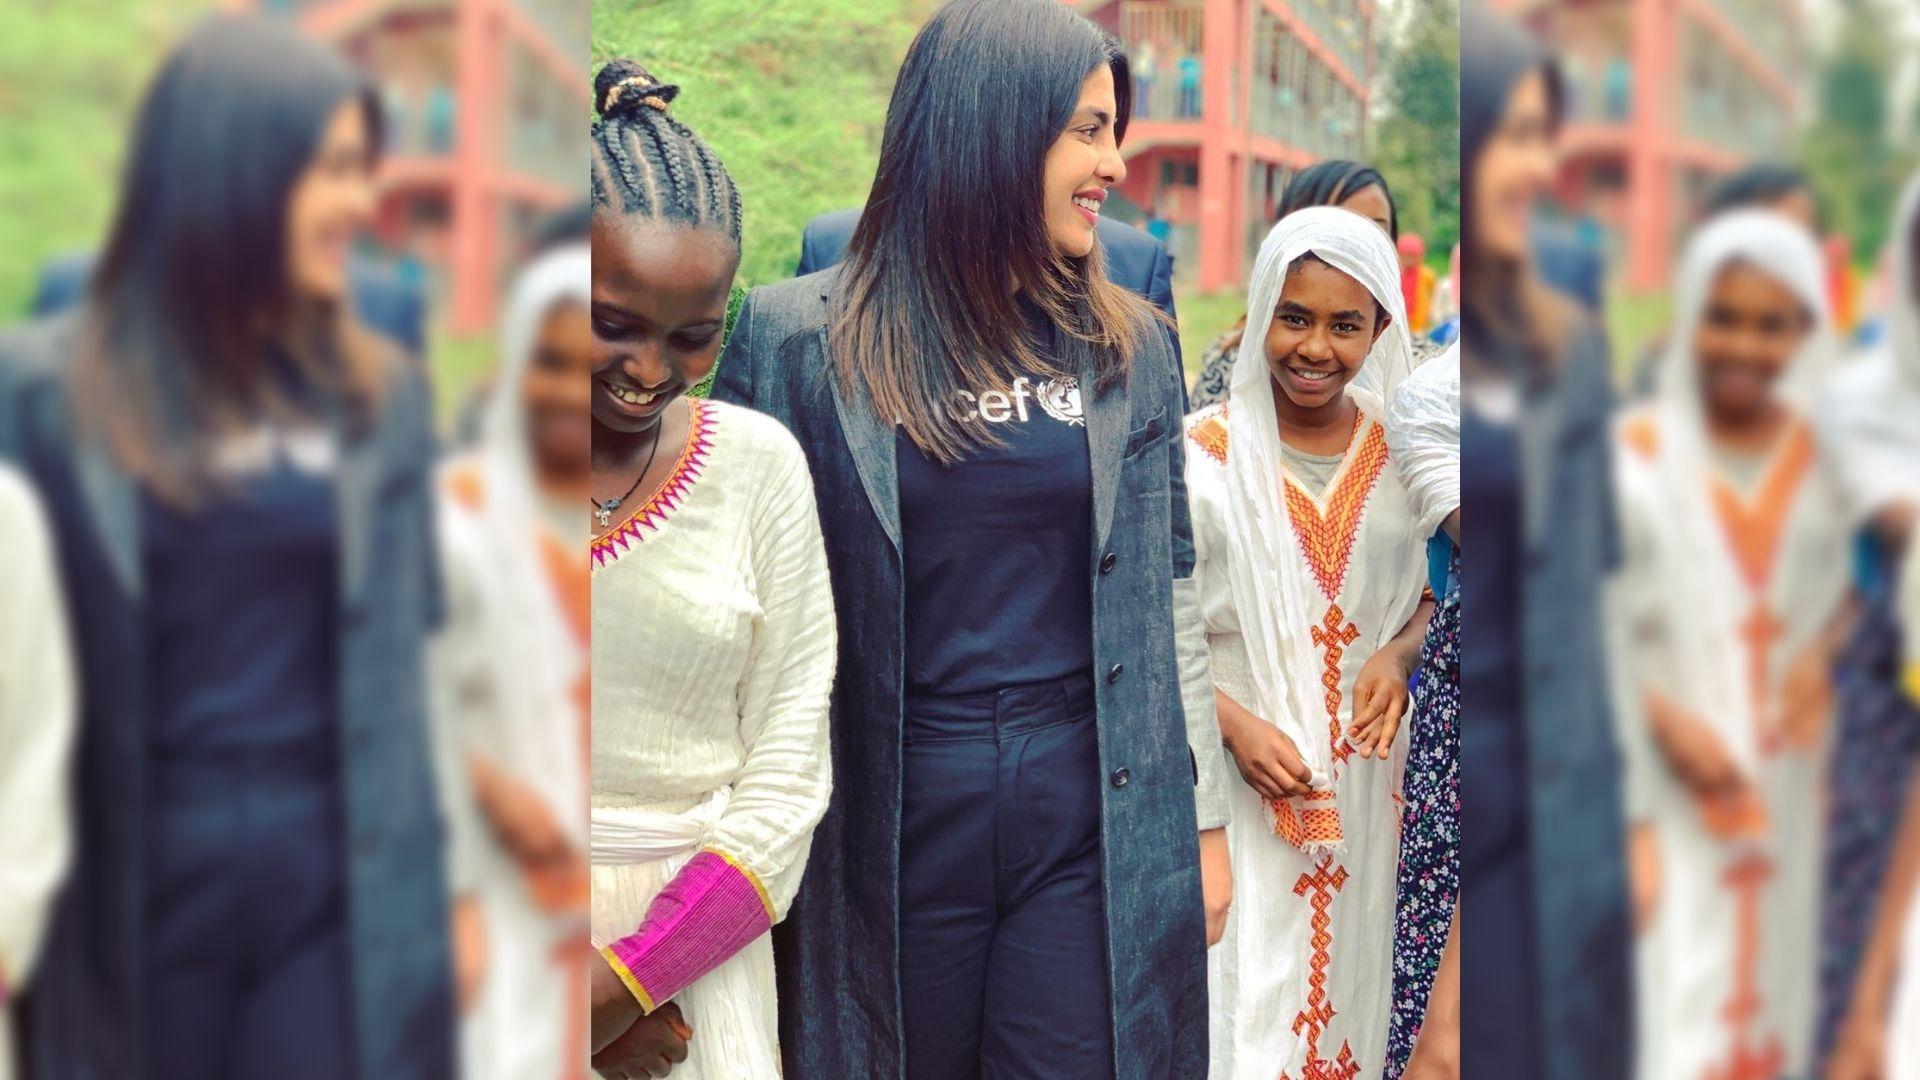 Priyanka Visits Ethiopia to Support Unicef Program for Children